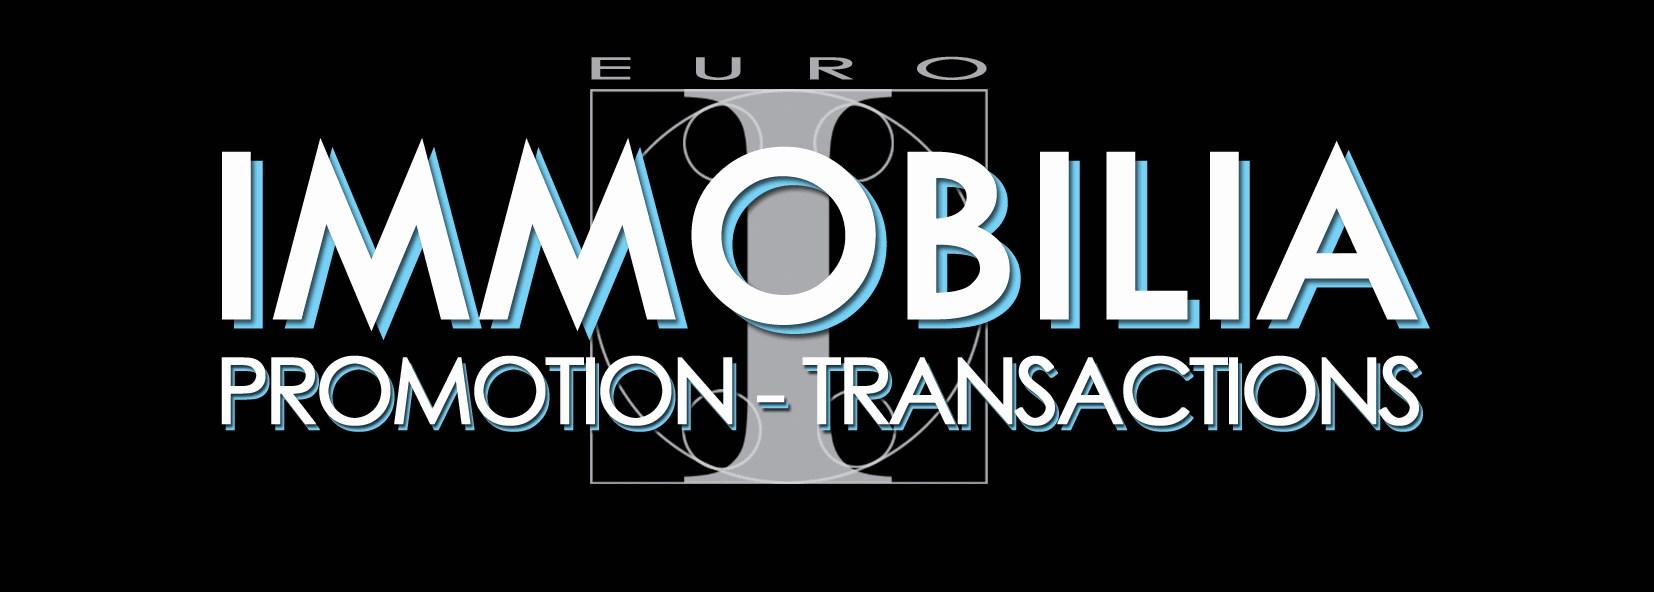 EURO IMMOBILIA